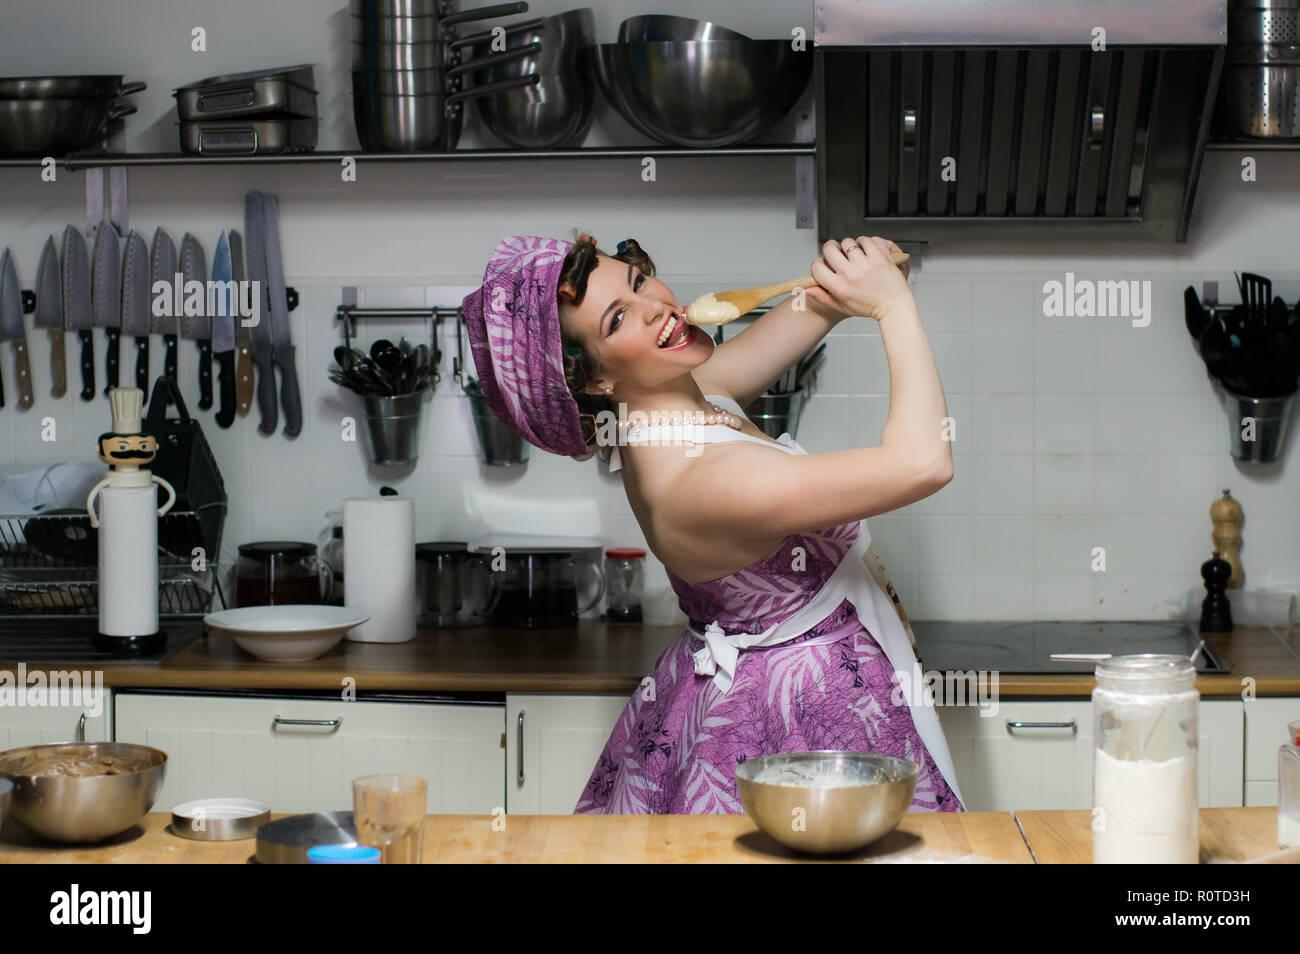 Hermosa niña cocineros en la cocina, crema en una cuchara de madera, cerca de la boca, mira a la cámara Imagen De Stock